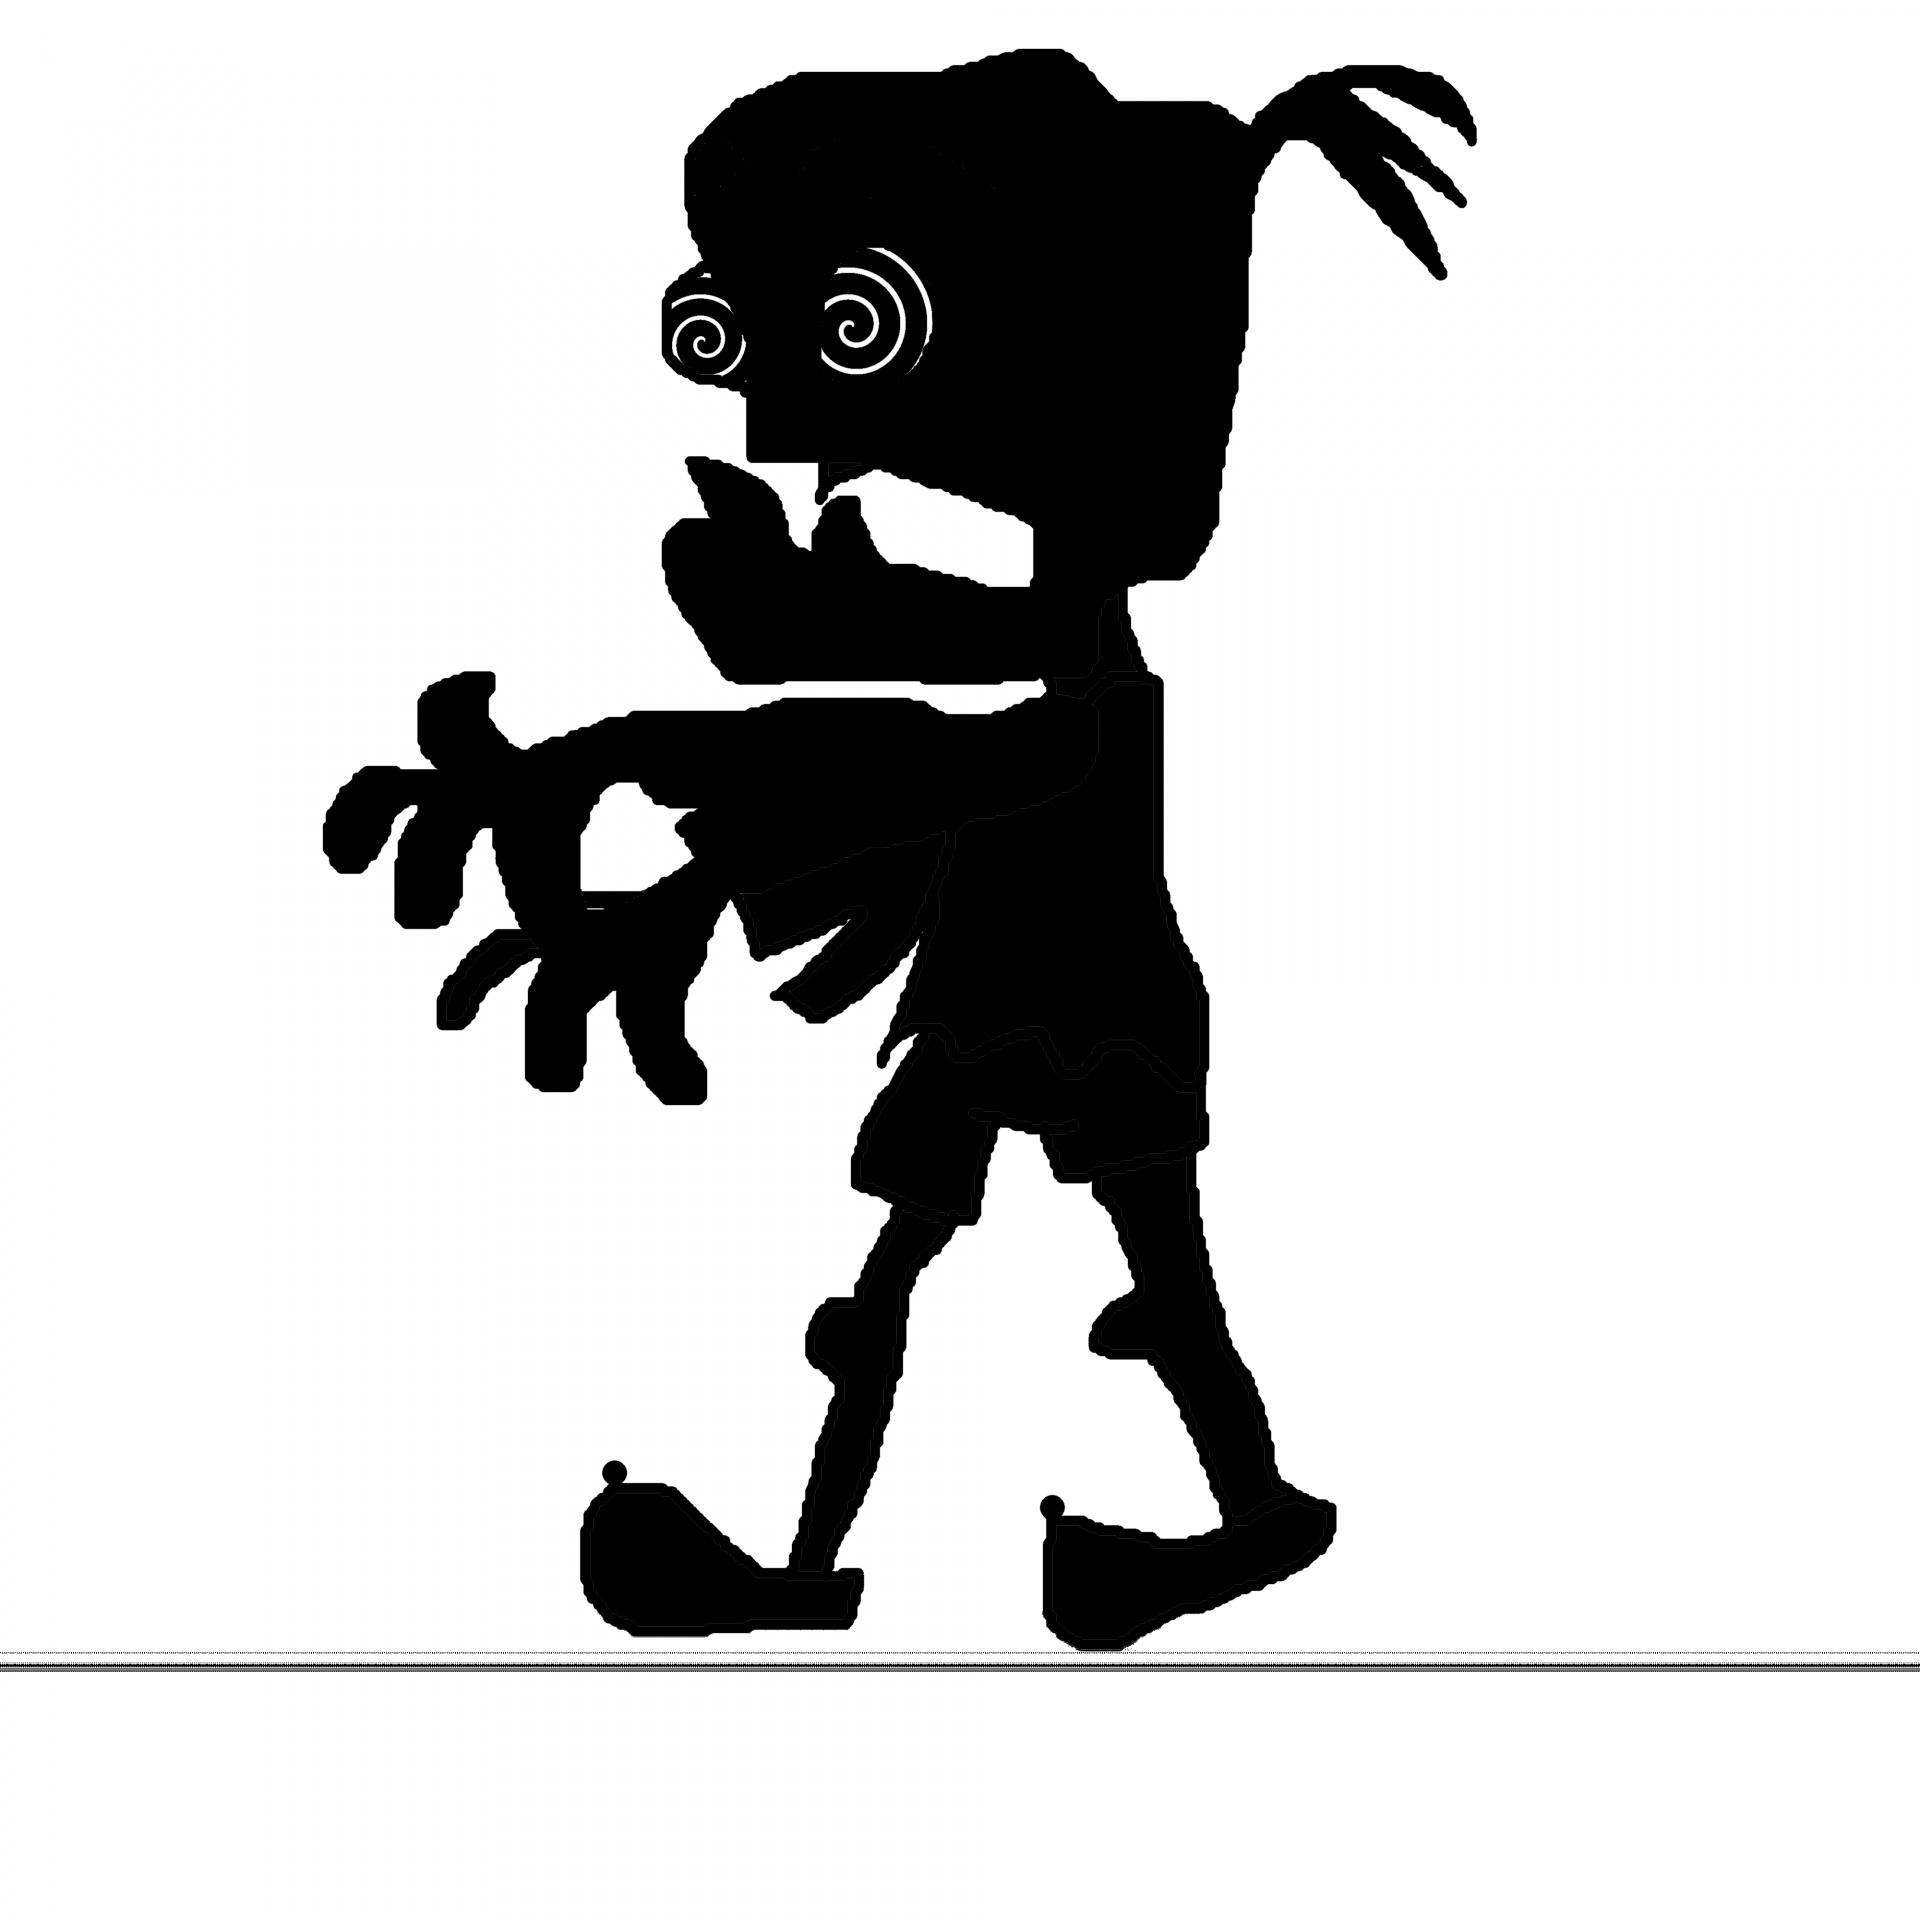 Zombie clipart public domain Zombie Public Pictures Free Silhouette